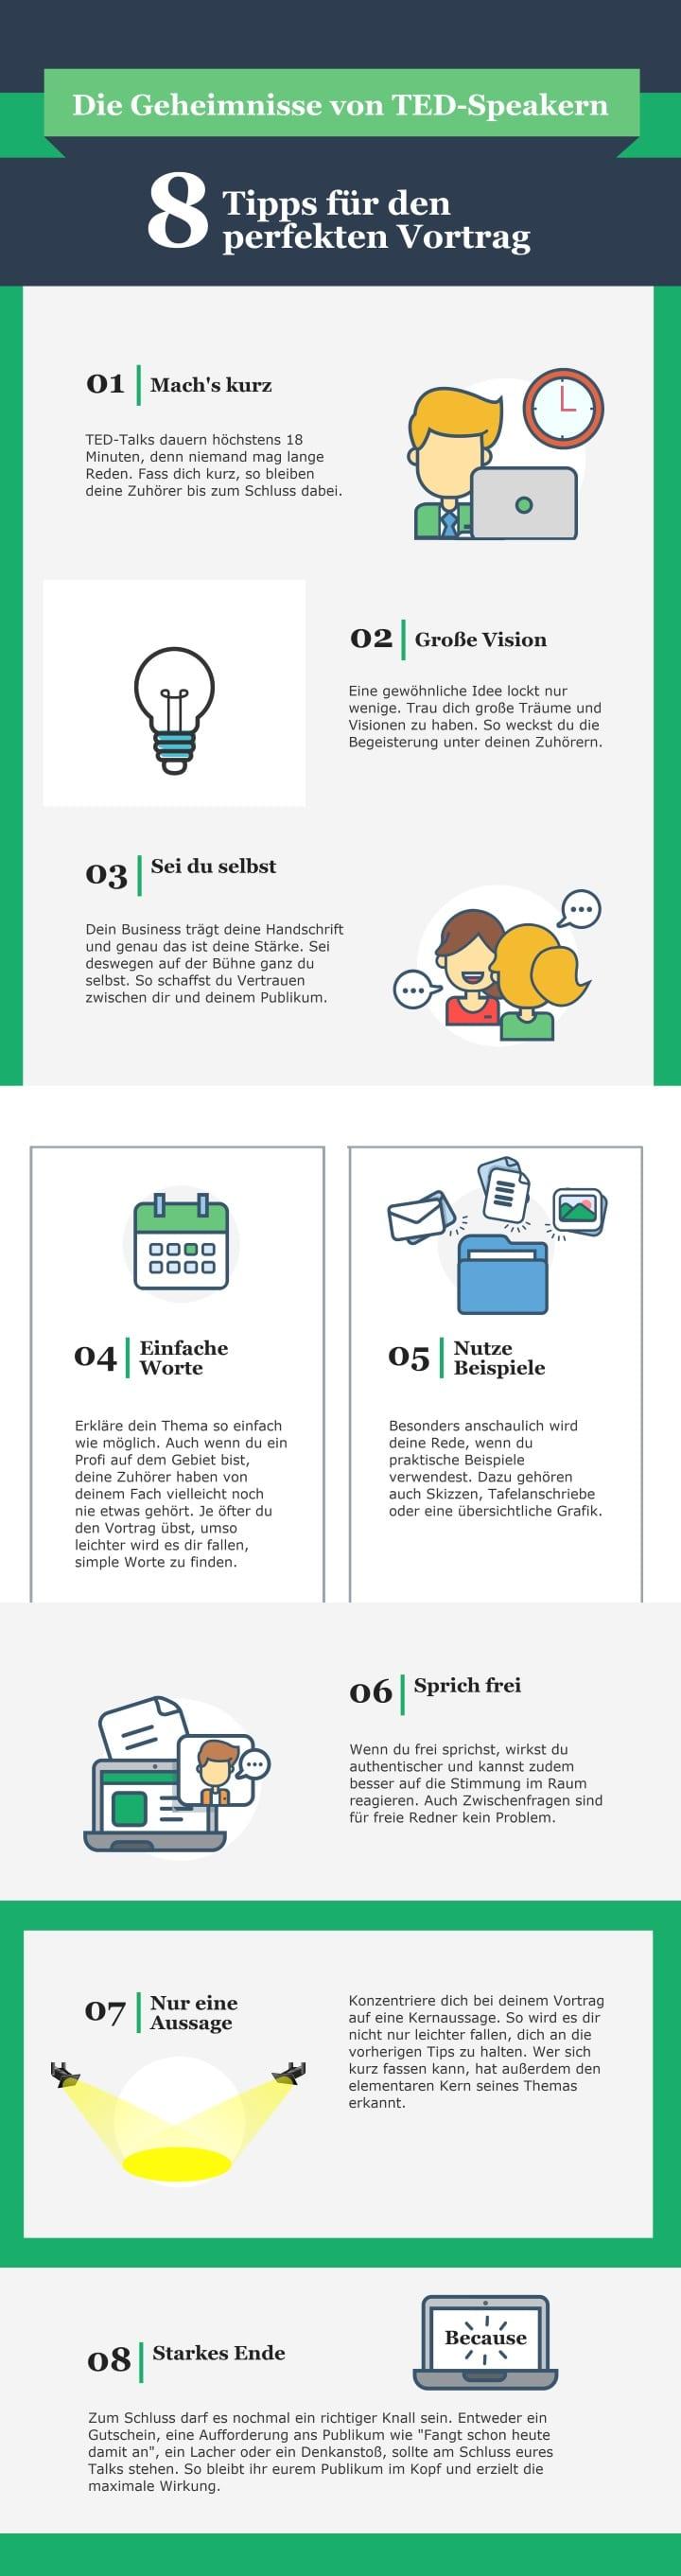 Mit diesen 8 Tipps gelingt euer Vortrag garantiert